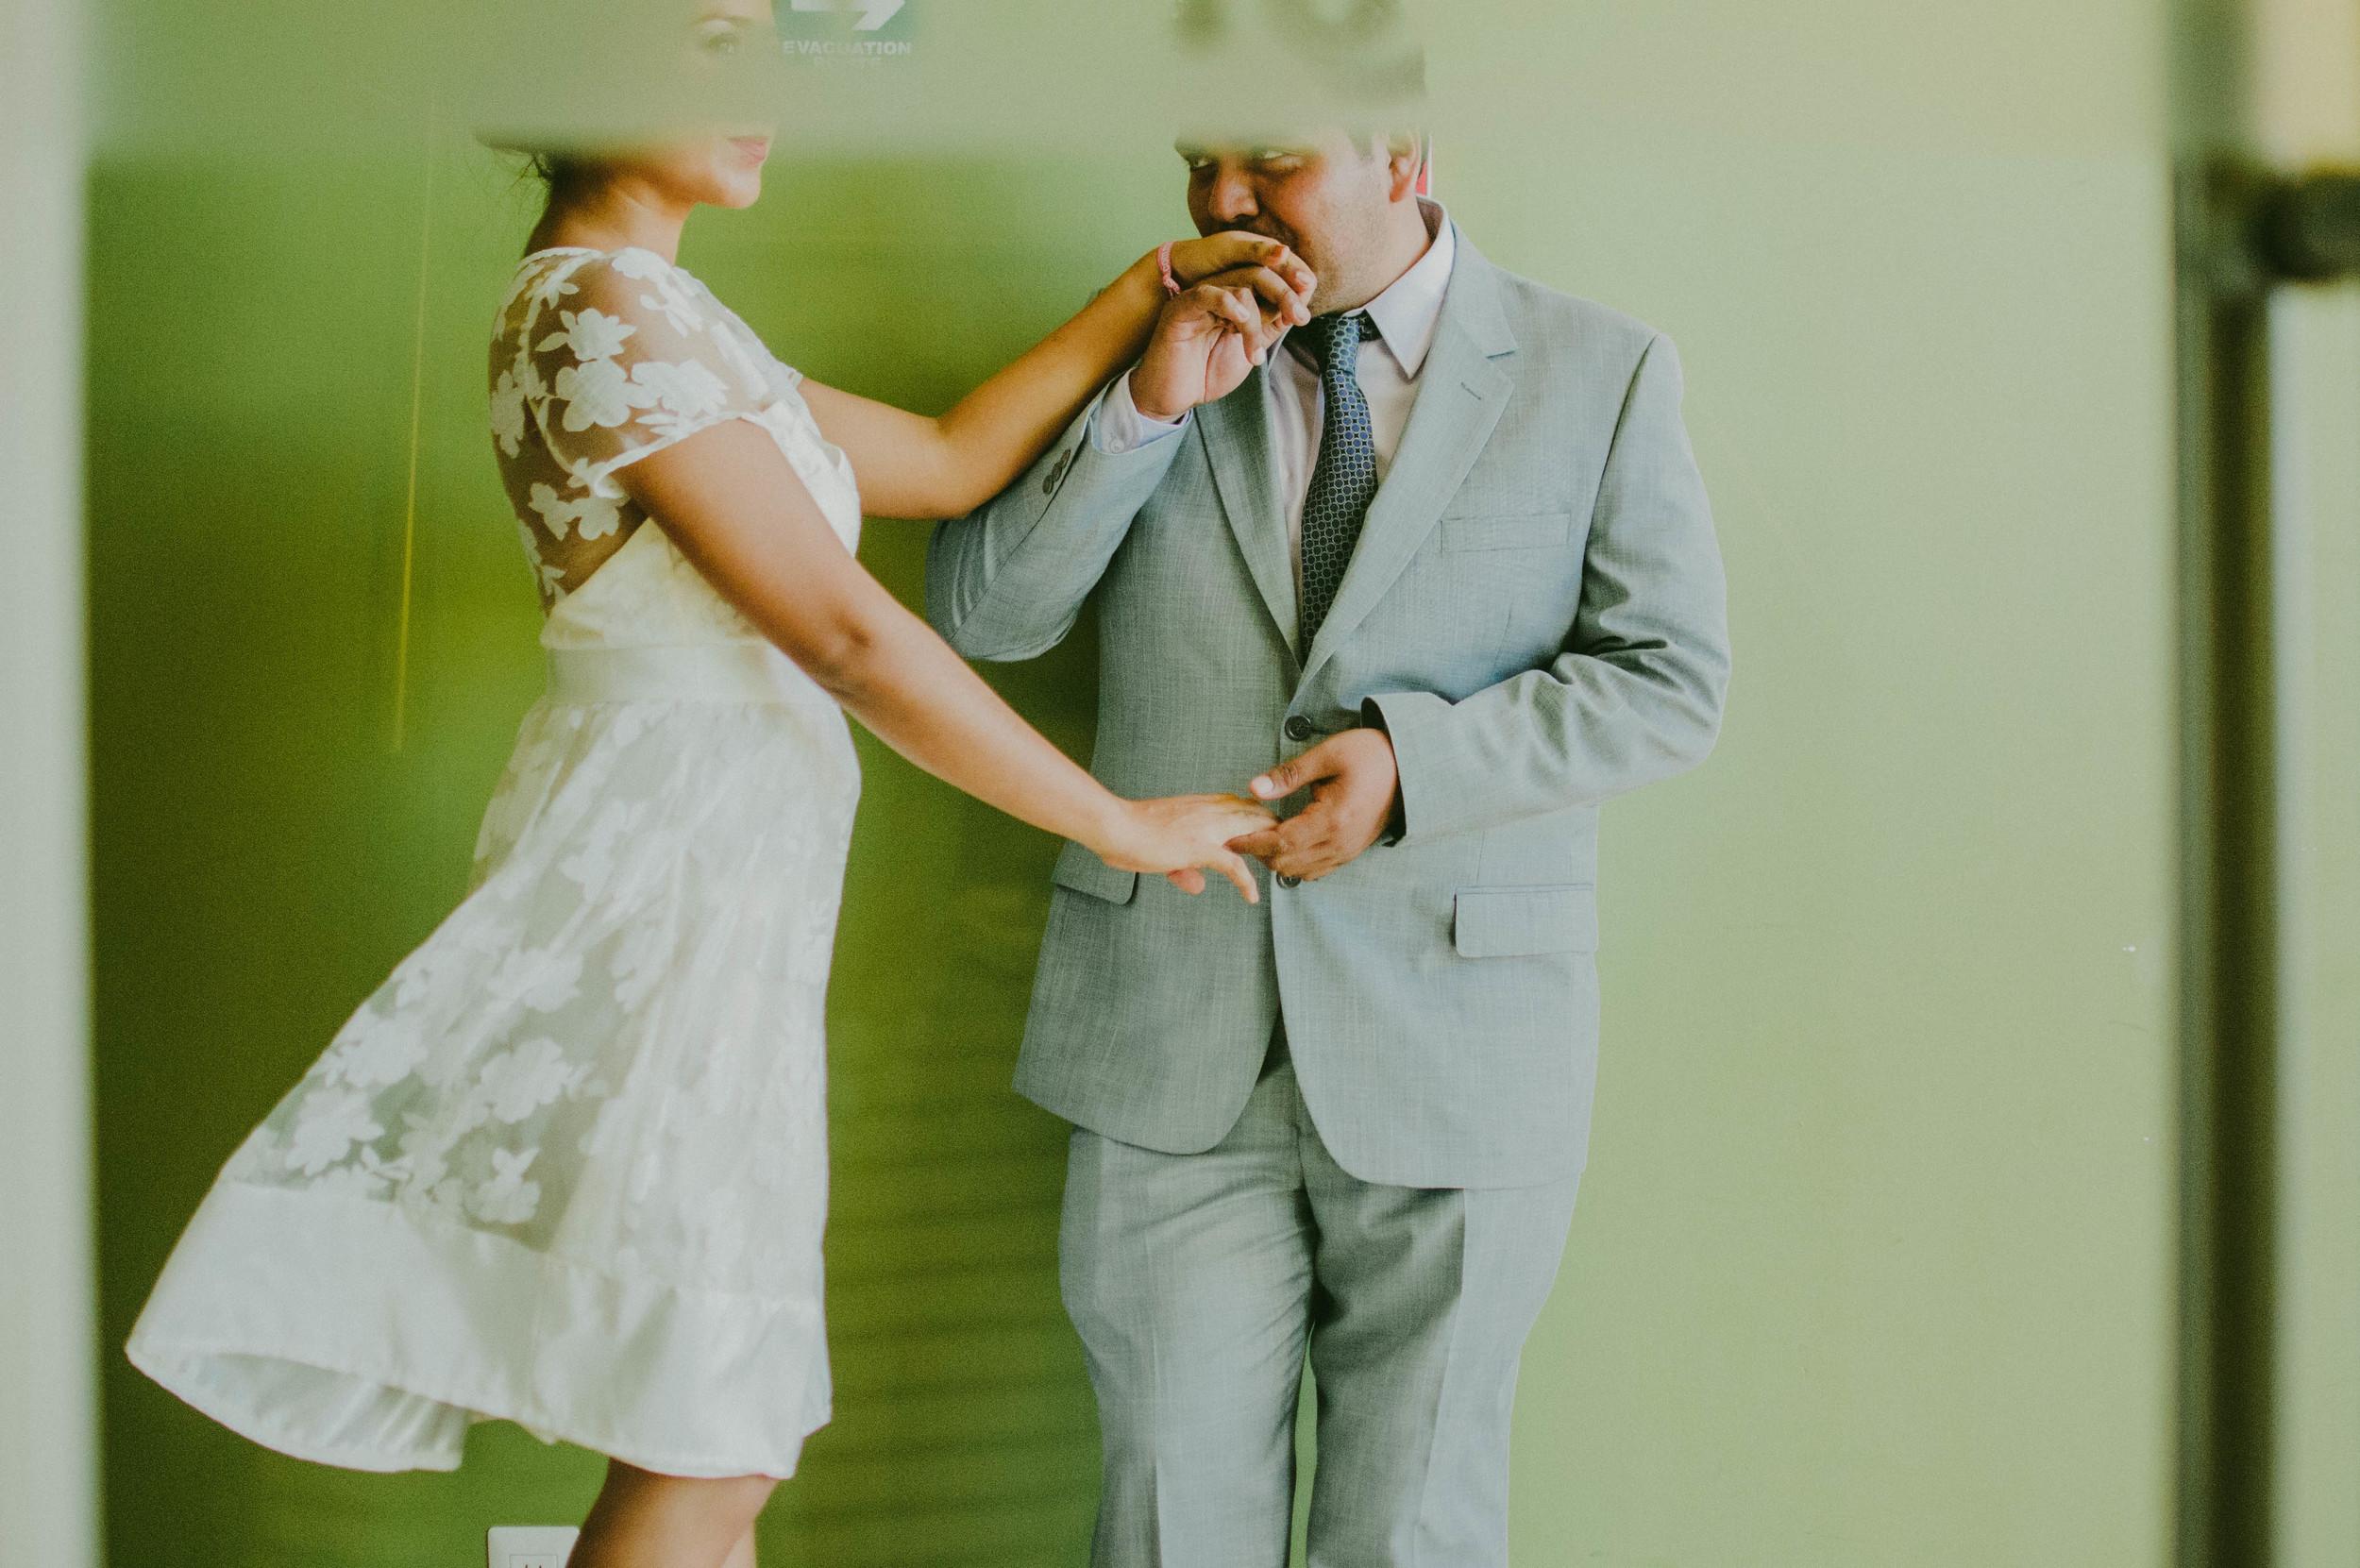 liliana y juan arturo - boda civil31.jpg